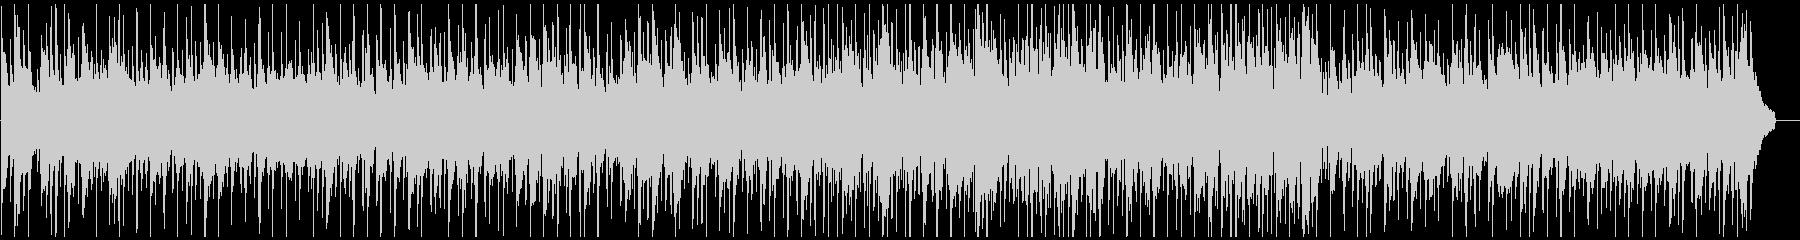 ほのぼのとしたカントリーワルツの未再生の波形